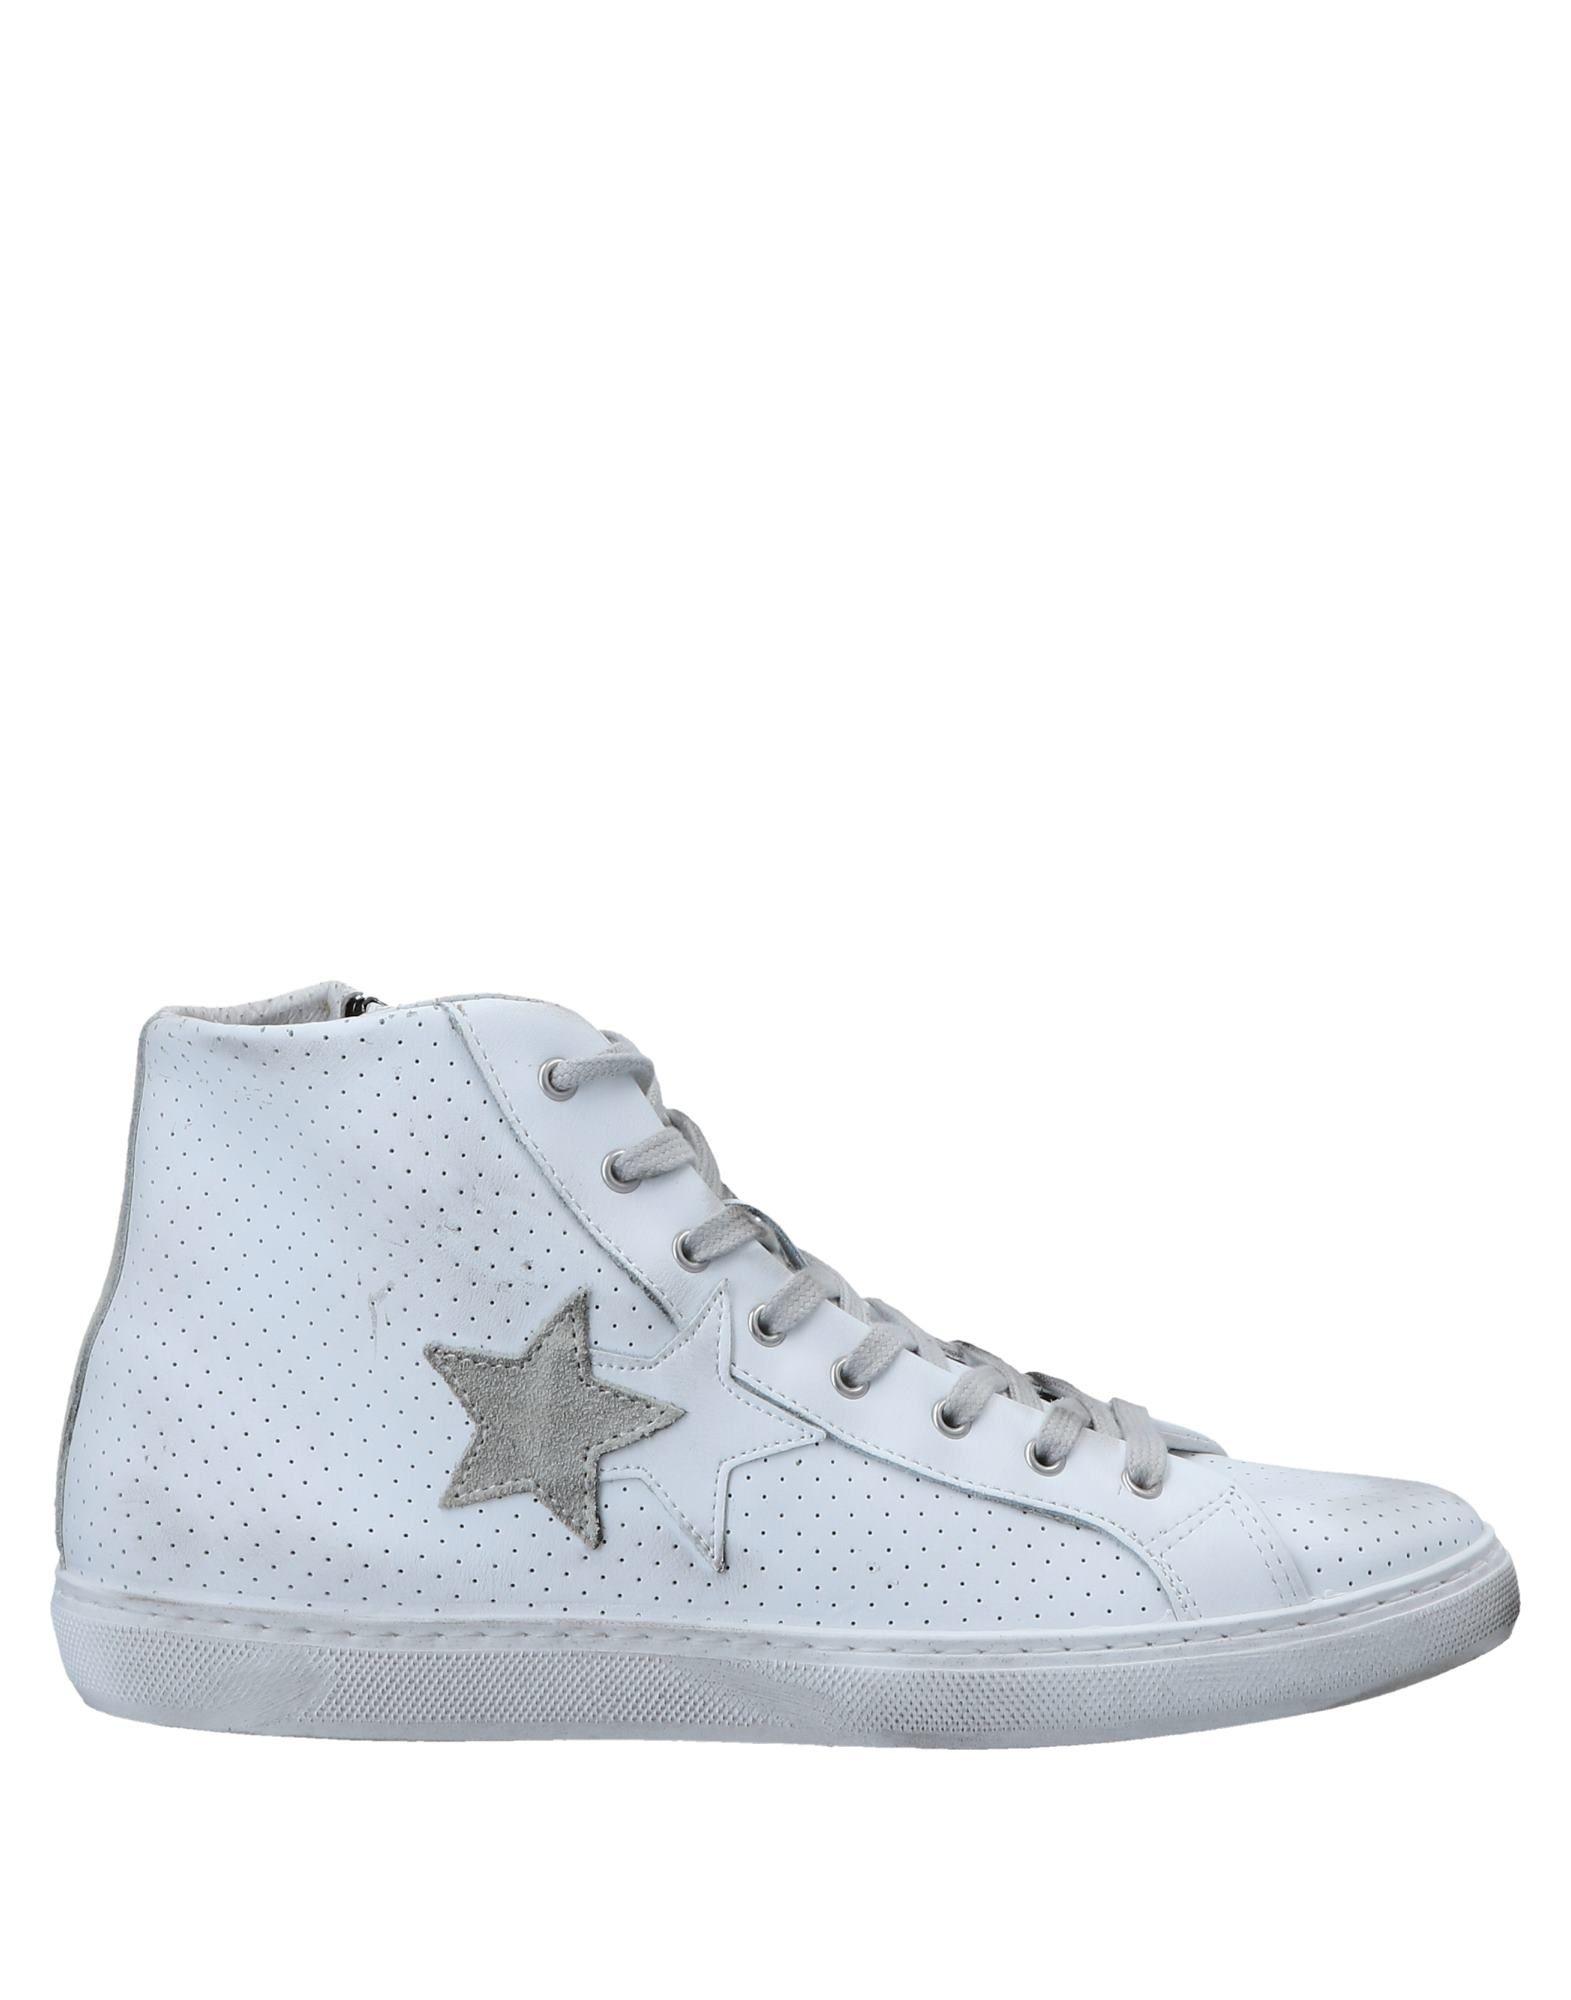 Rabatt echte Schuhe 2Star Sneakers Herren  11555162DF